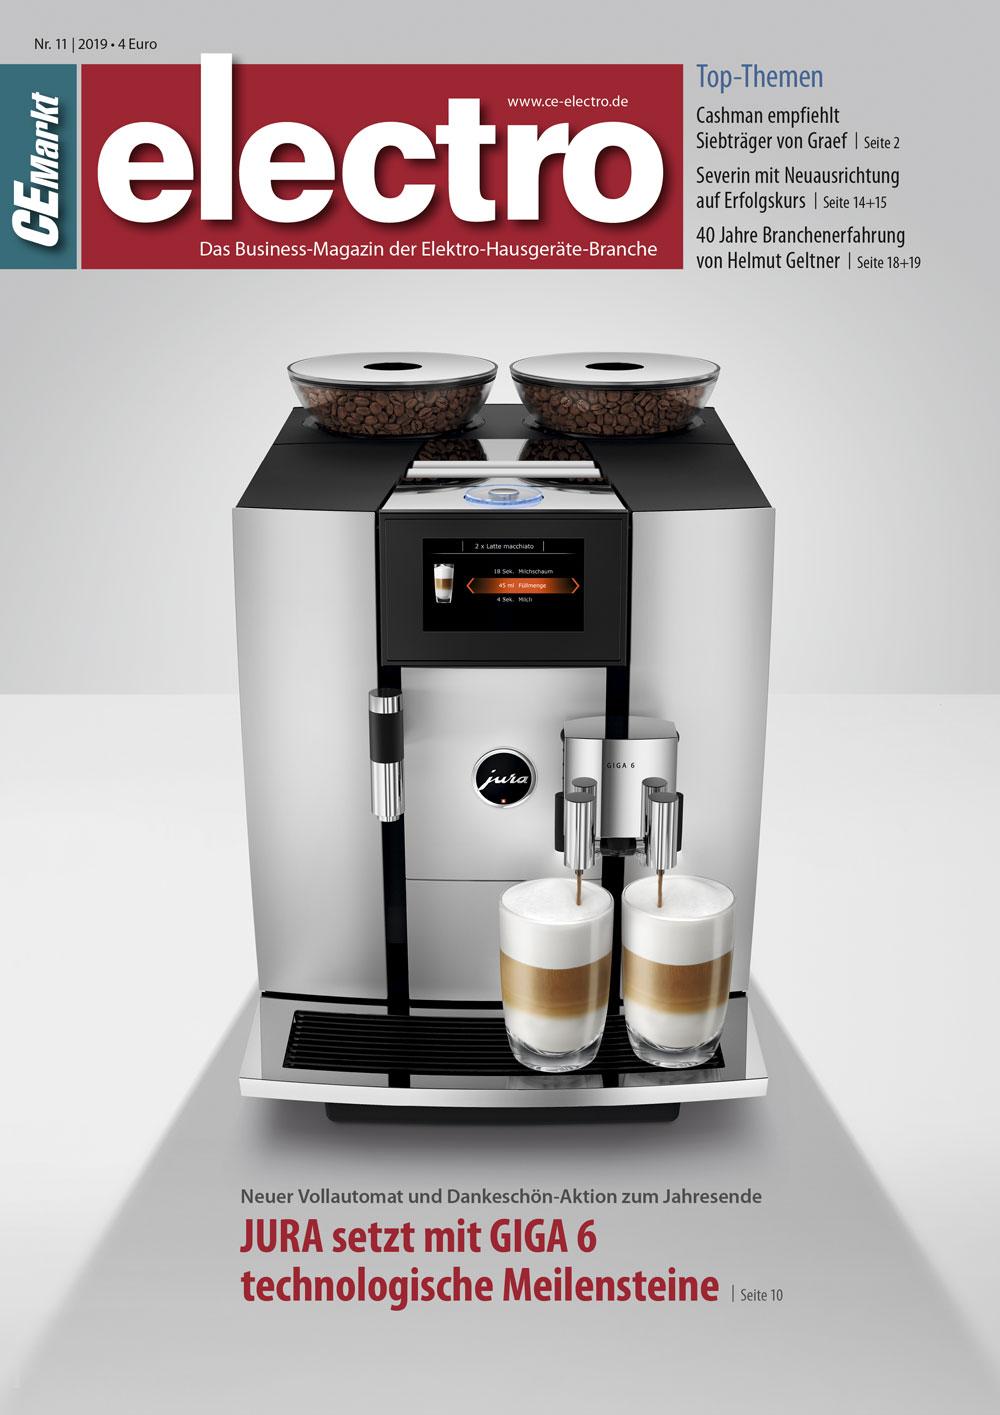 CE-Markt electro Titelseite des Hefts 11/2019.